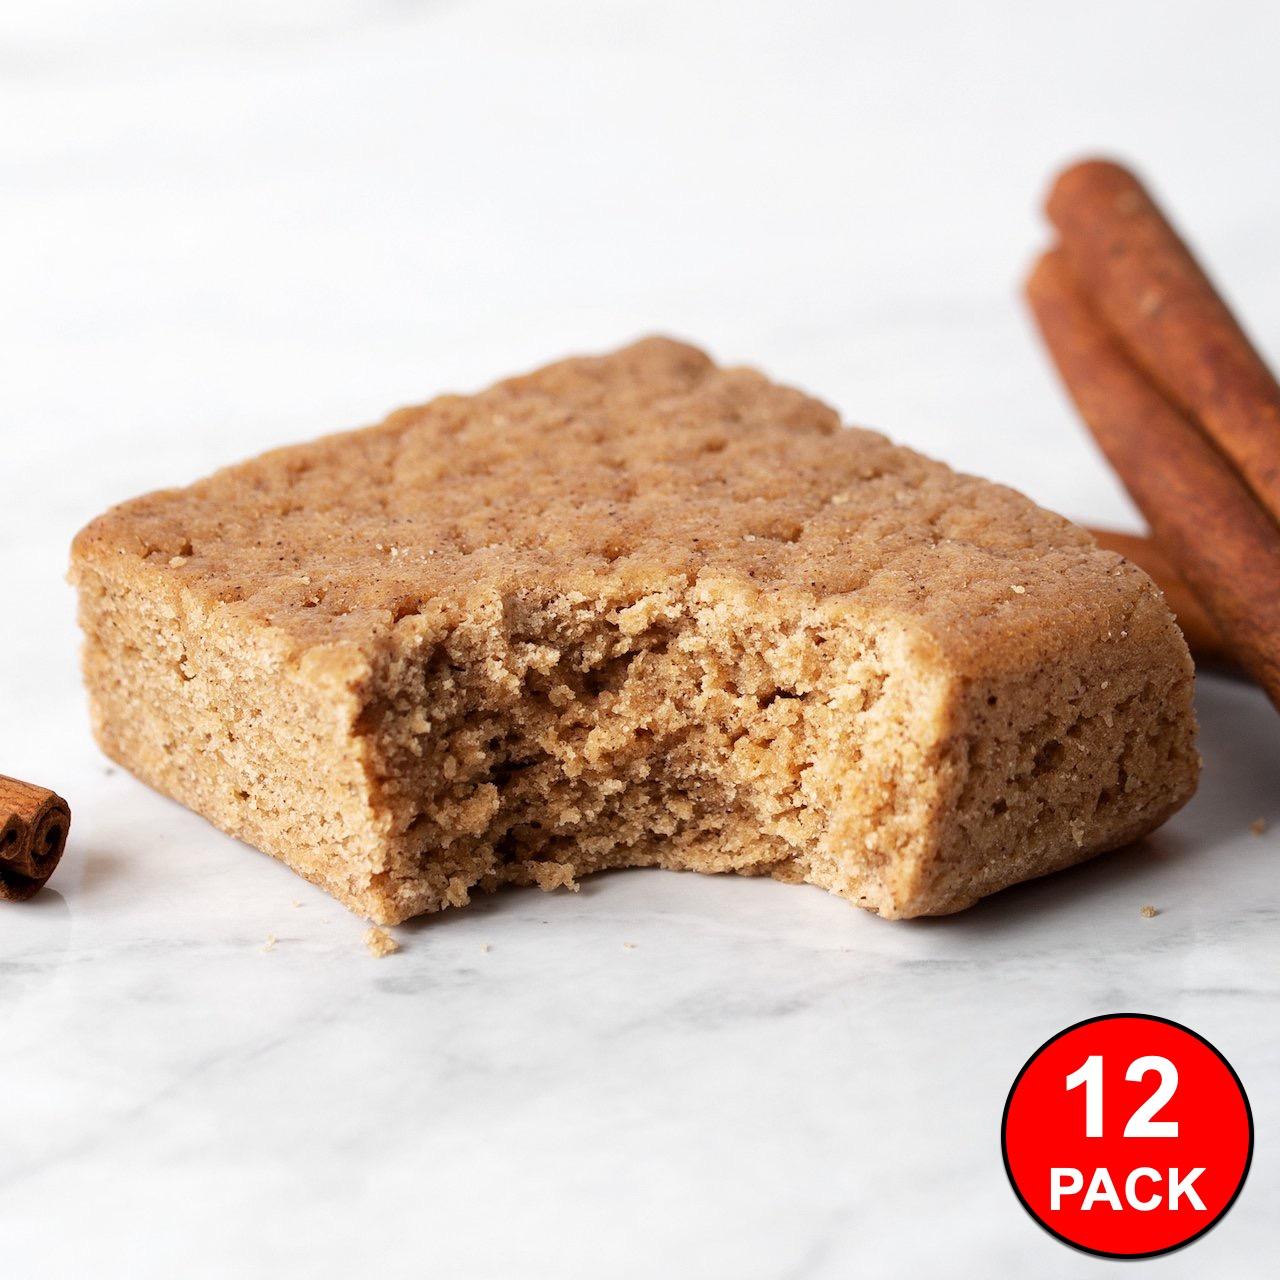 eat-me-cinn-toast-12